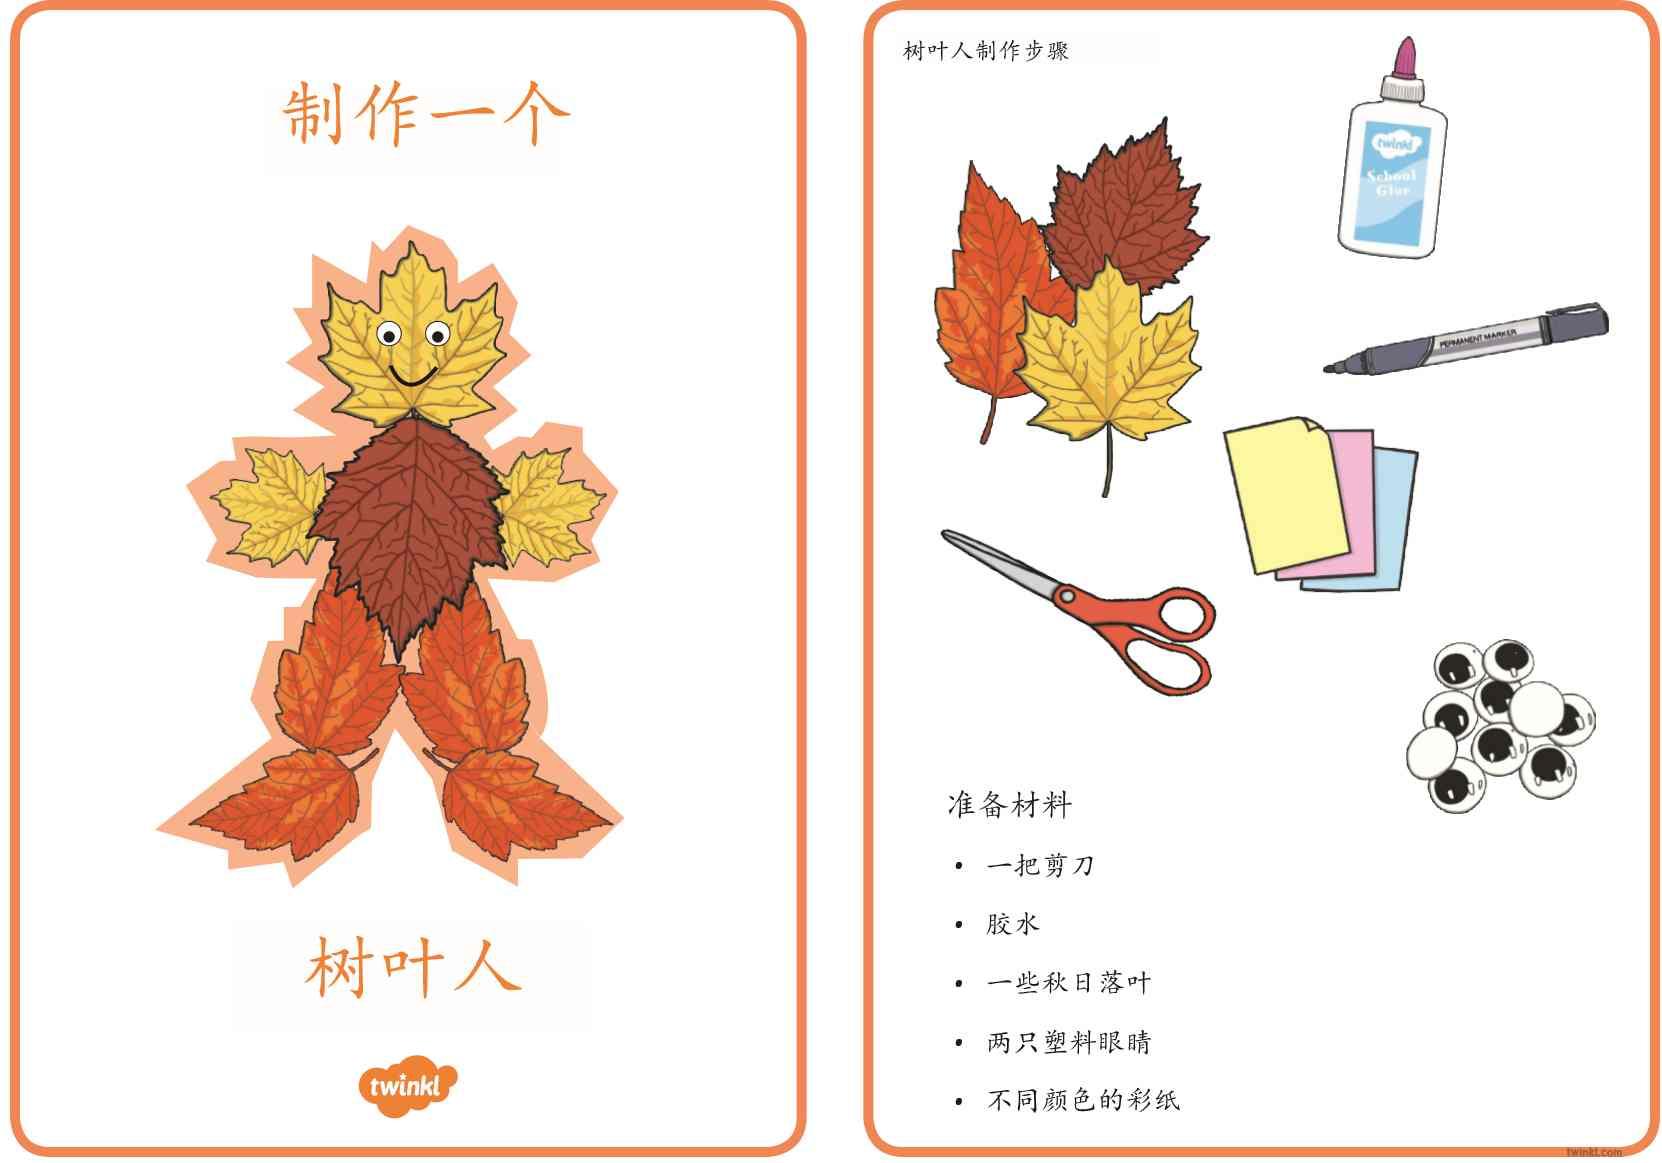 Twinkl-小学高年级-艺术-制作树叶人手工